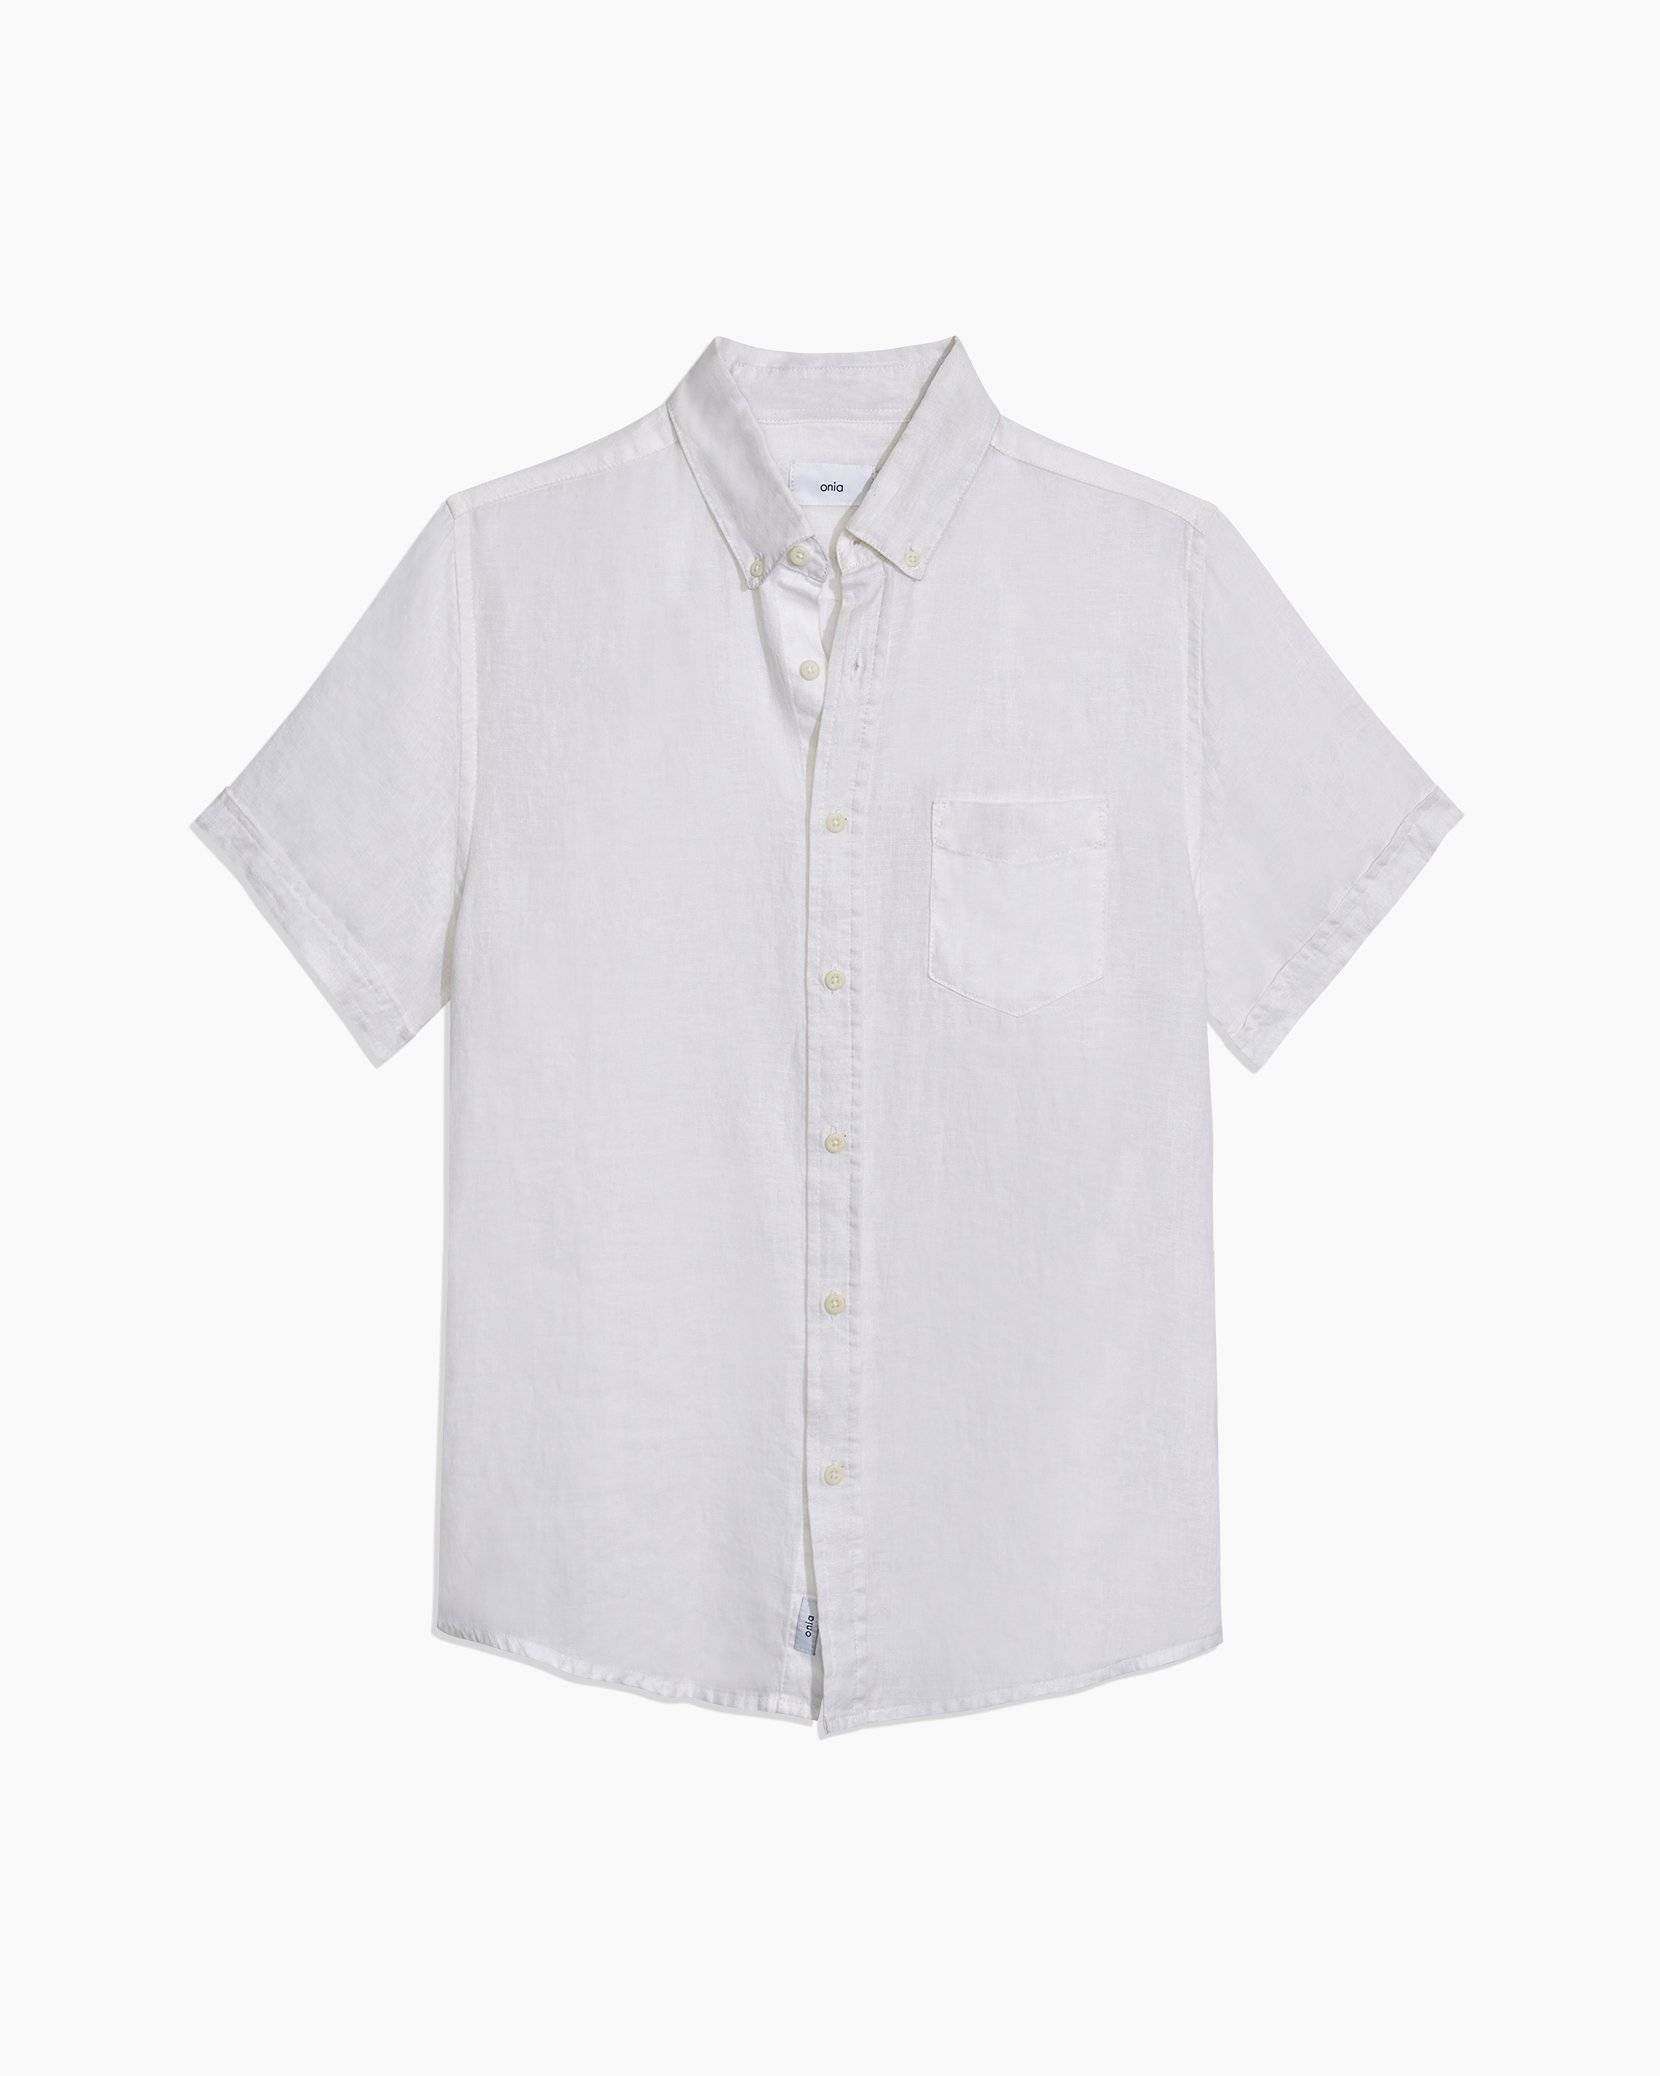 Stretch Linen Short Sleeve Shirt